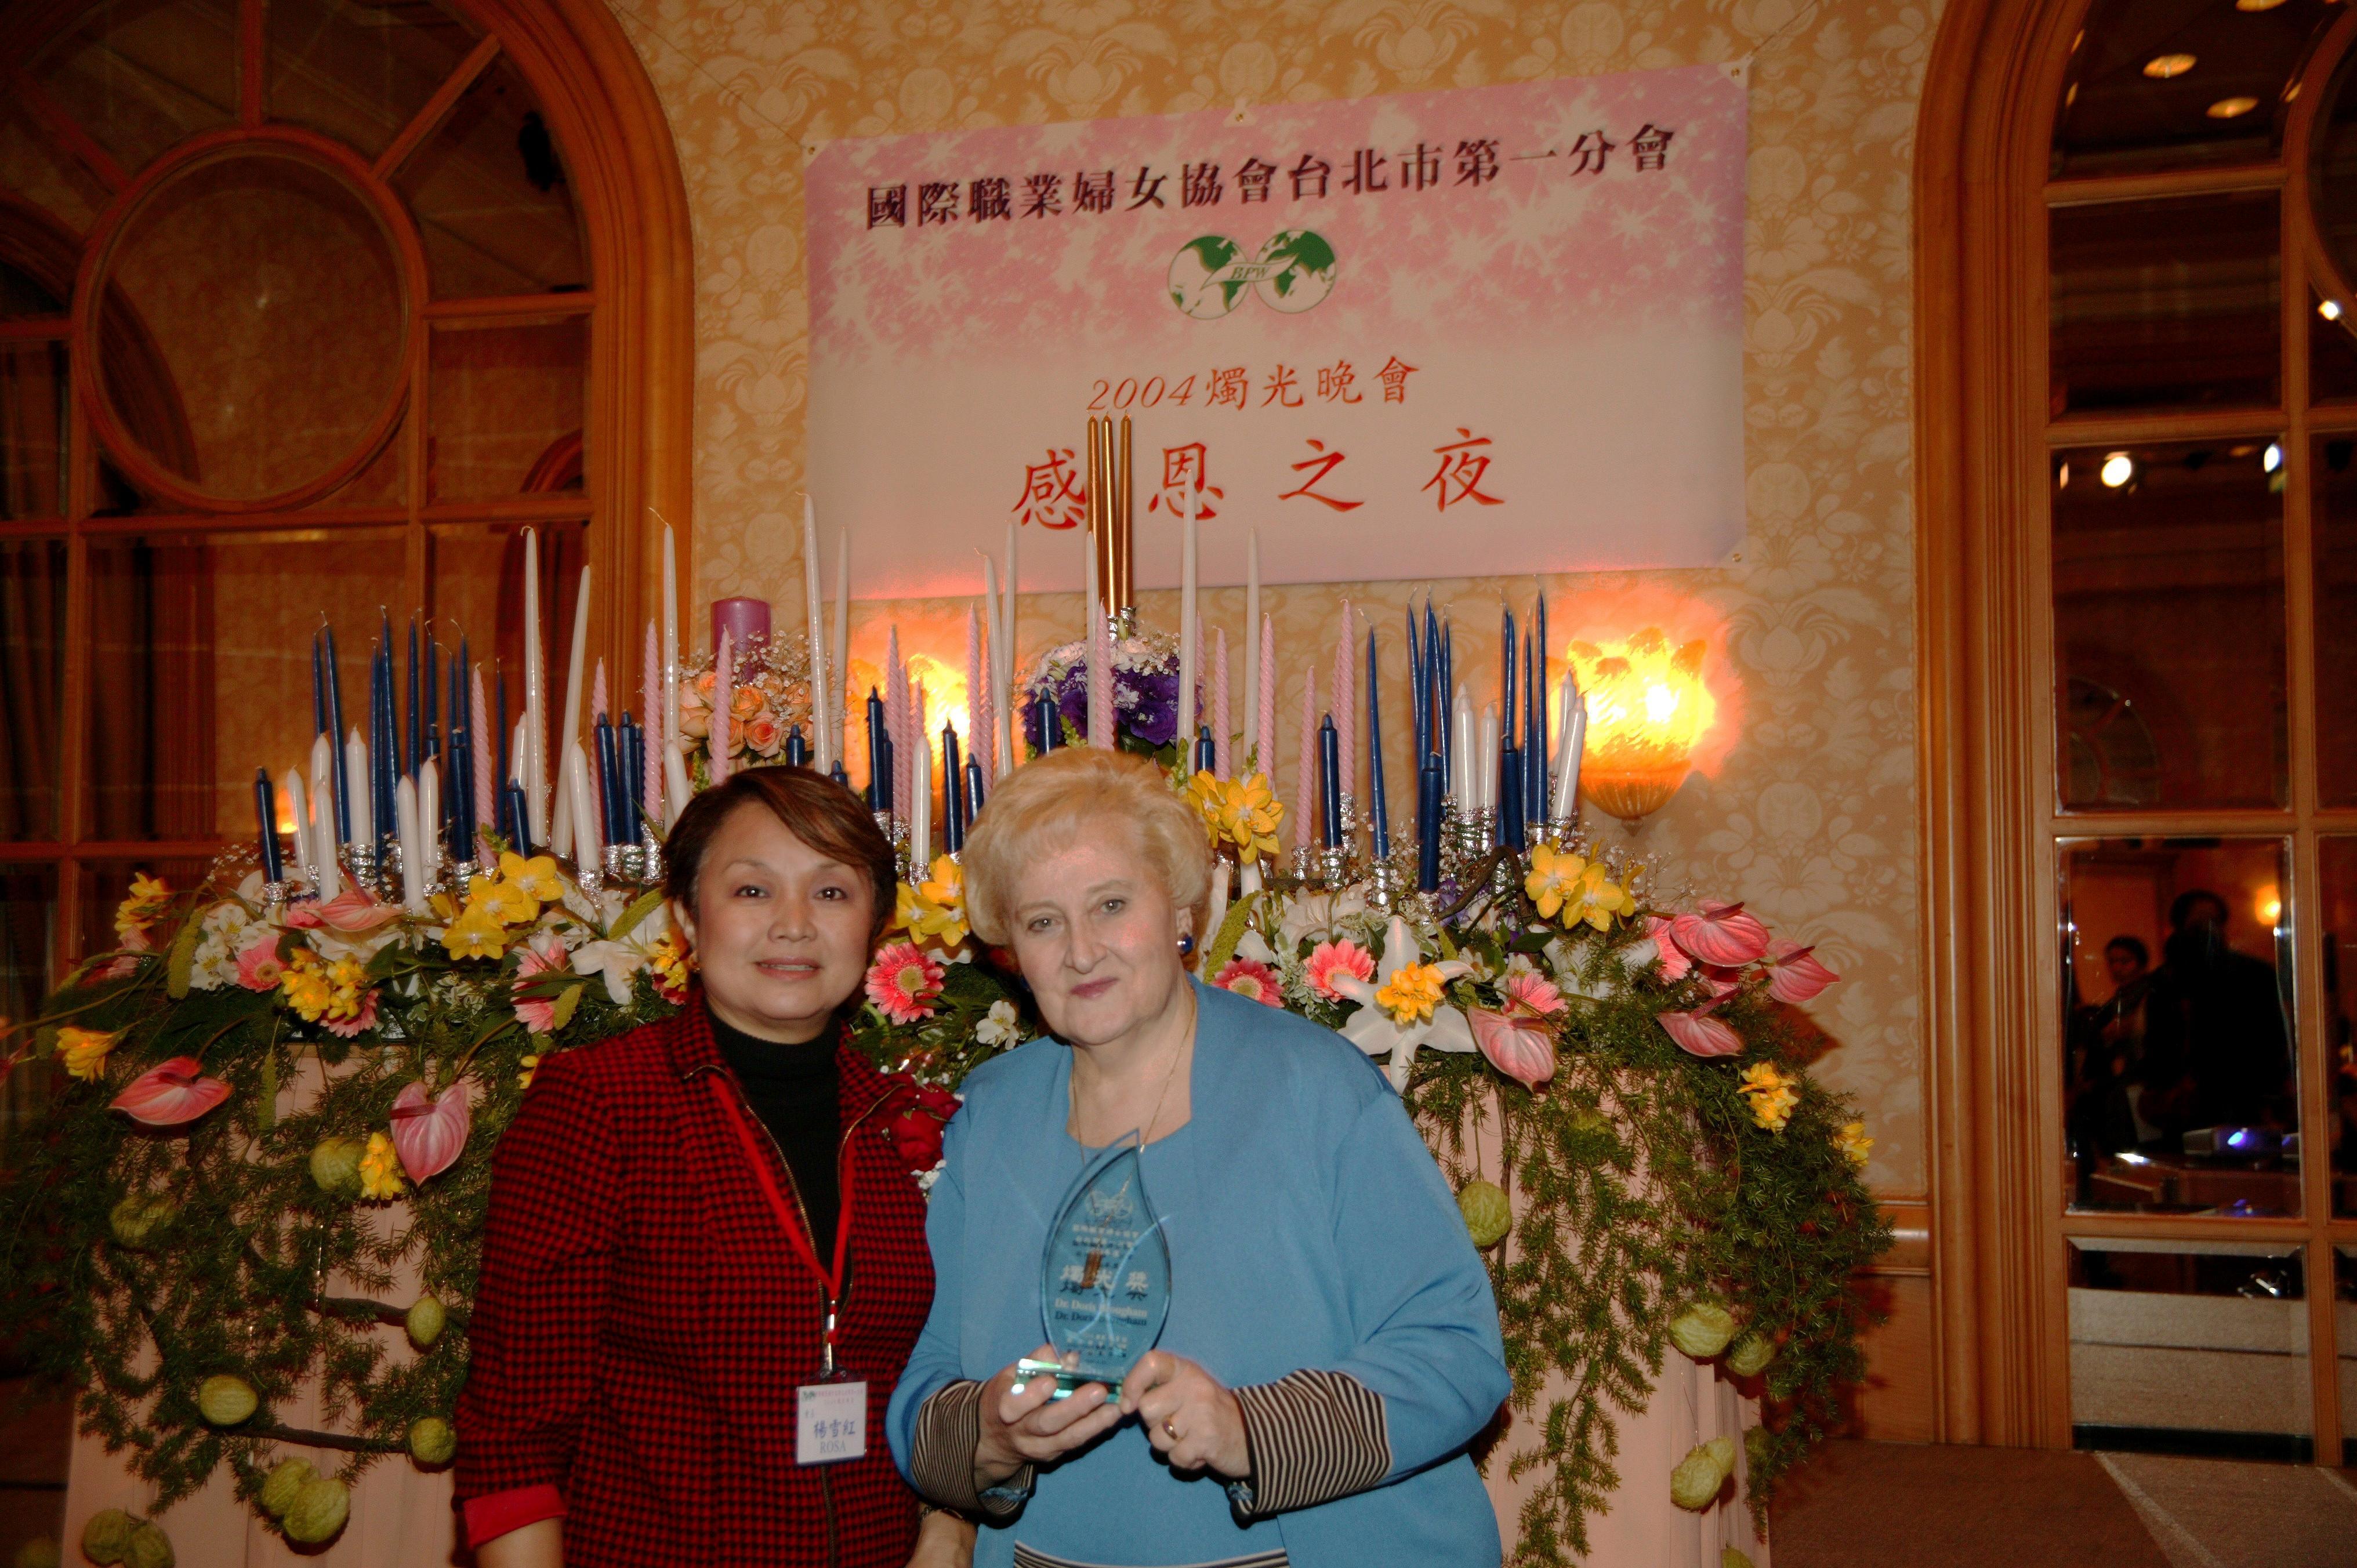 2004風雲女性 - 彭蒙惠榮獲「燭光獎」